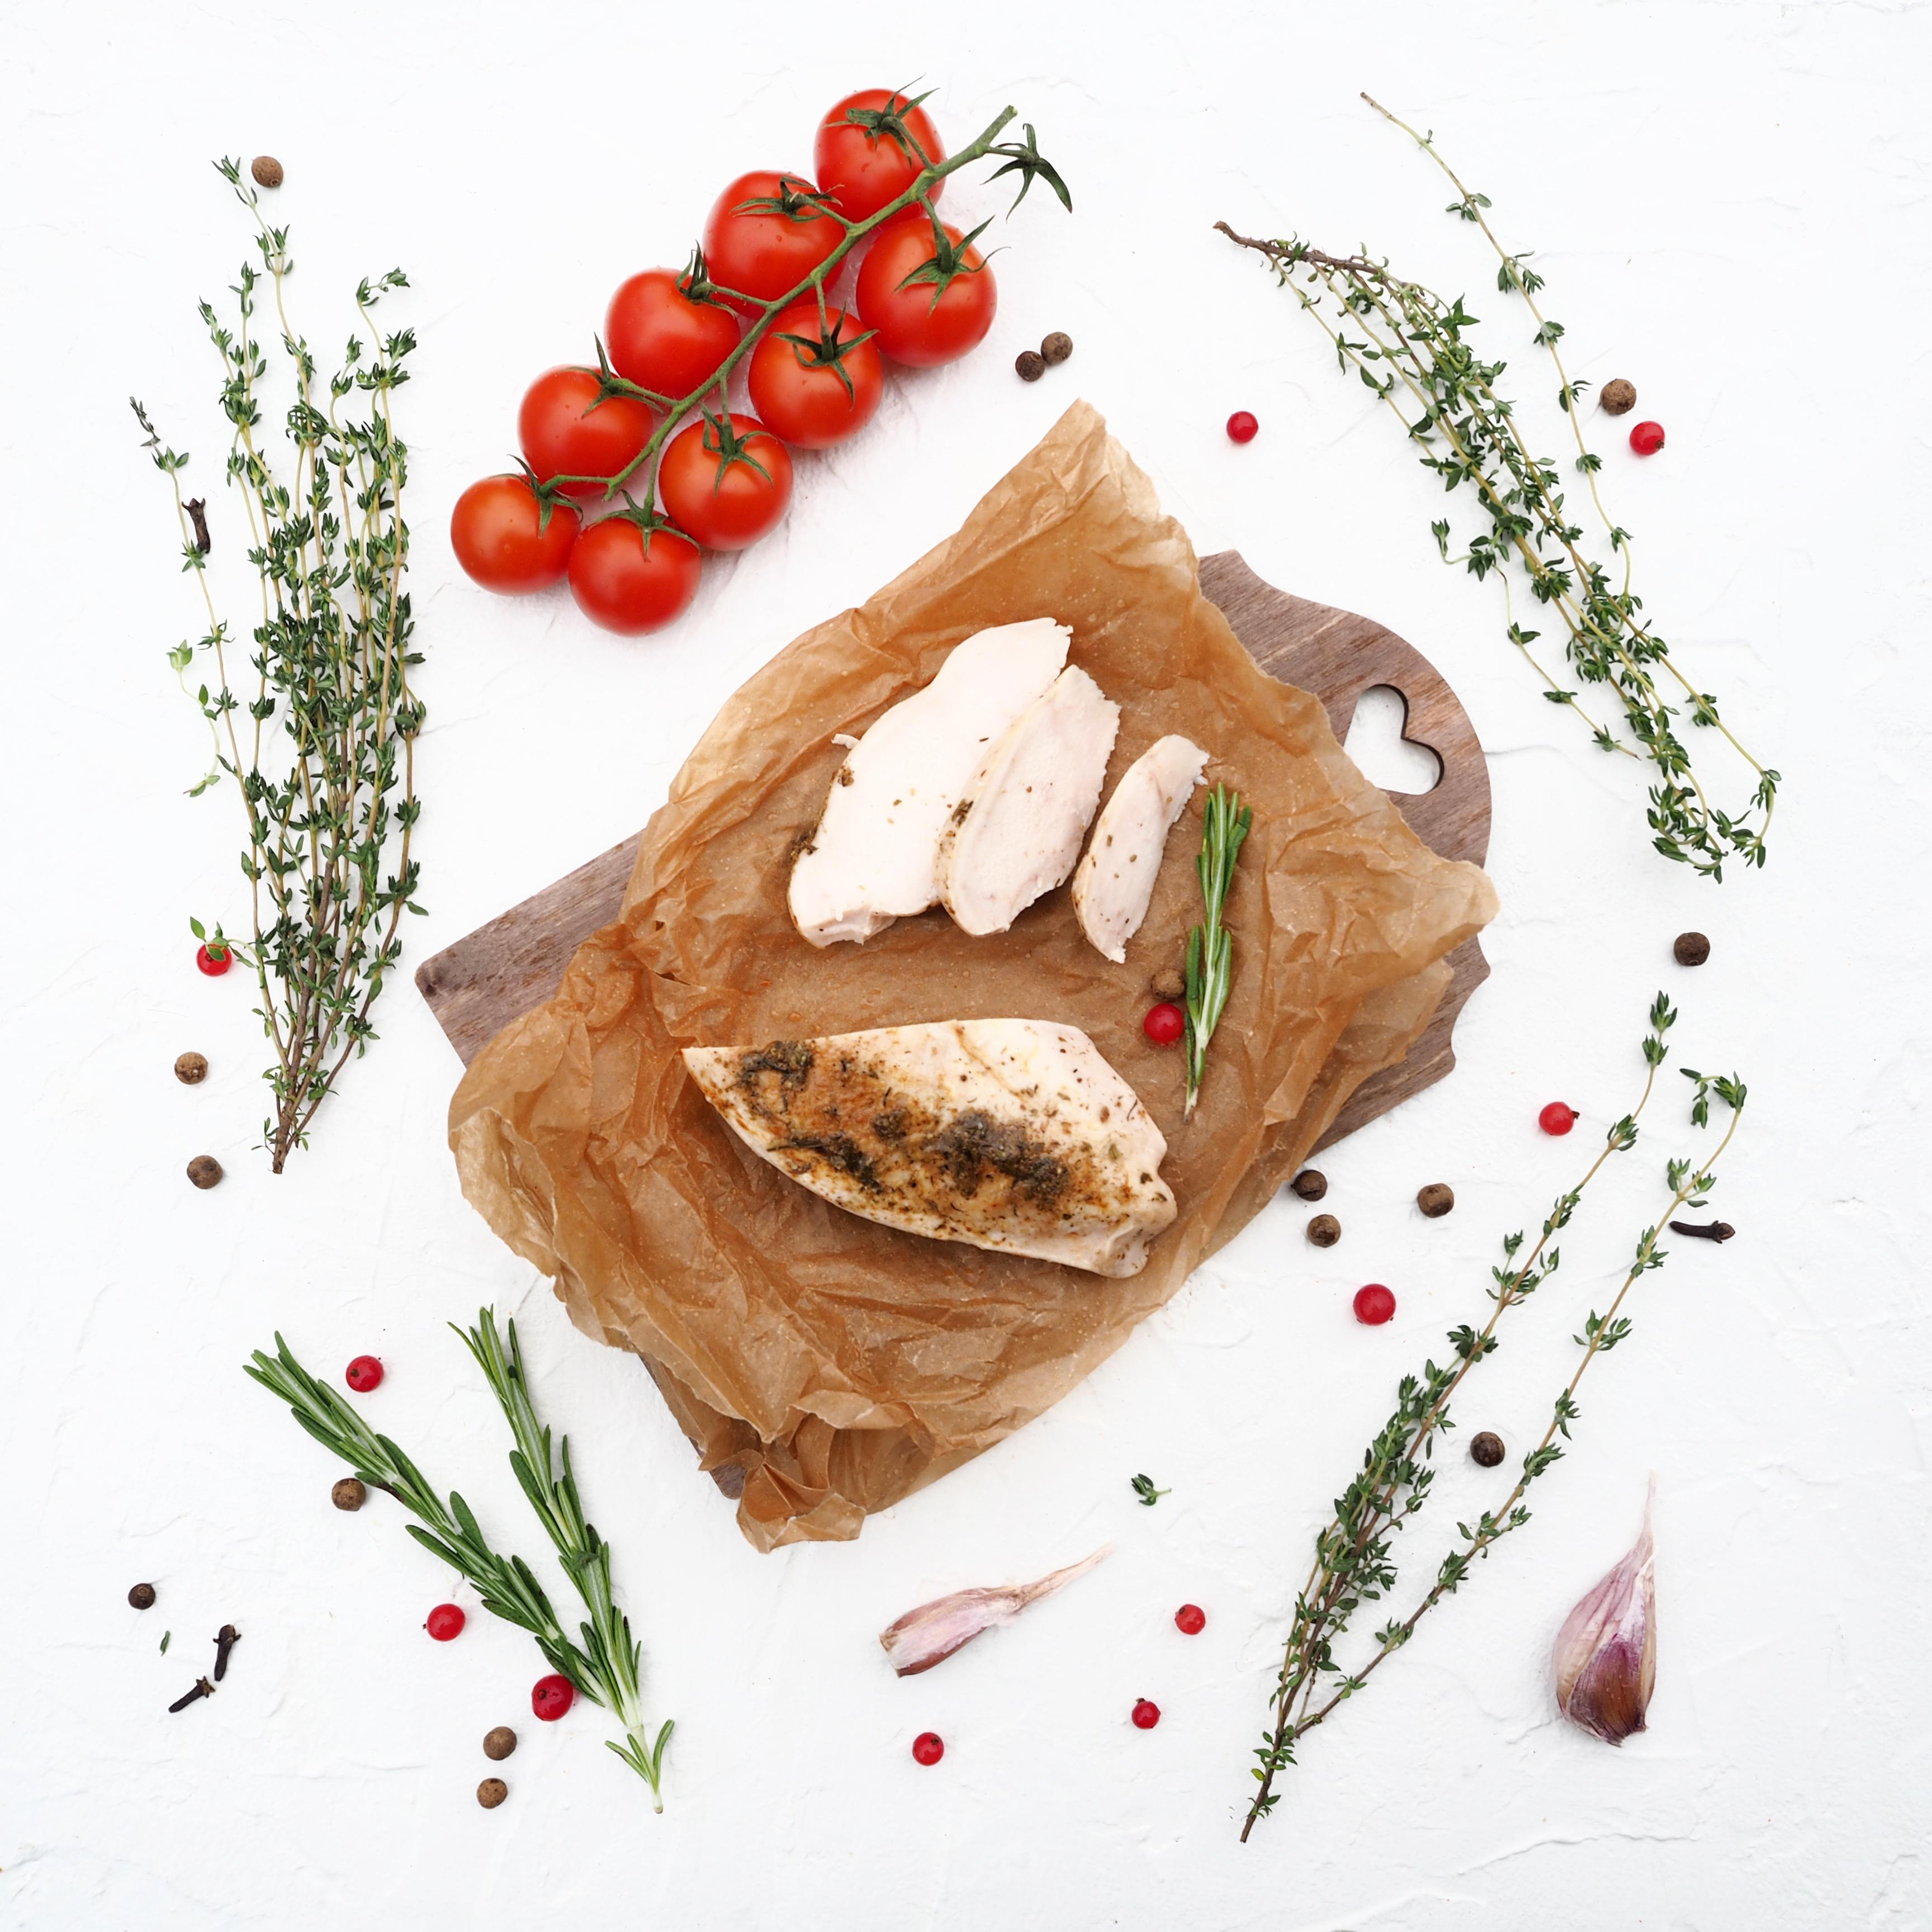 Запечённое филе куриной грудки с кавказскими травами (1 шт., 182 г)